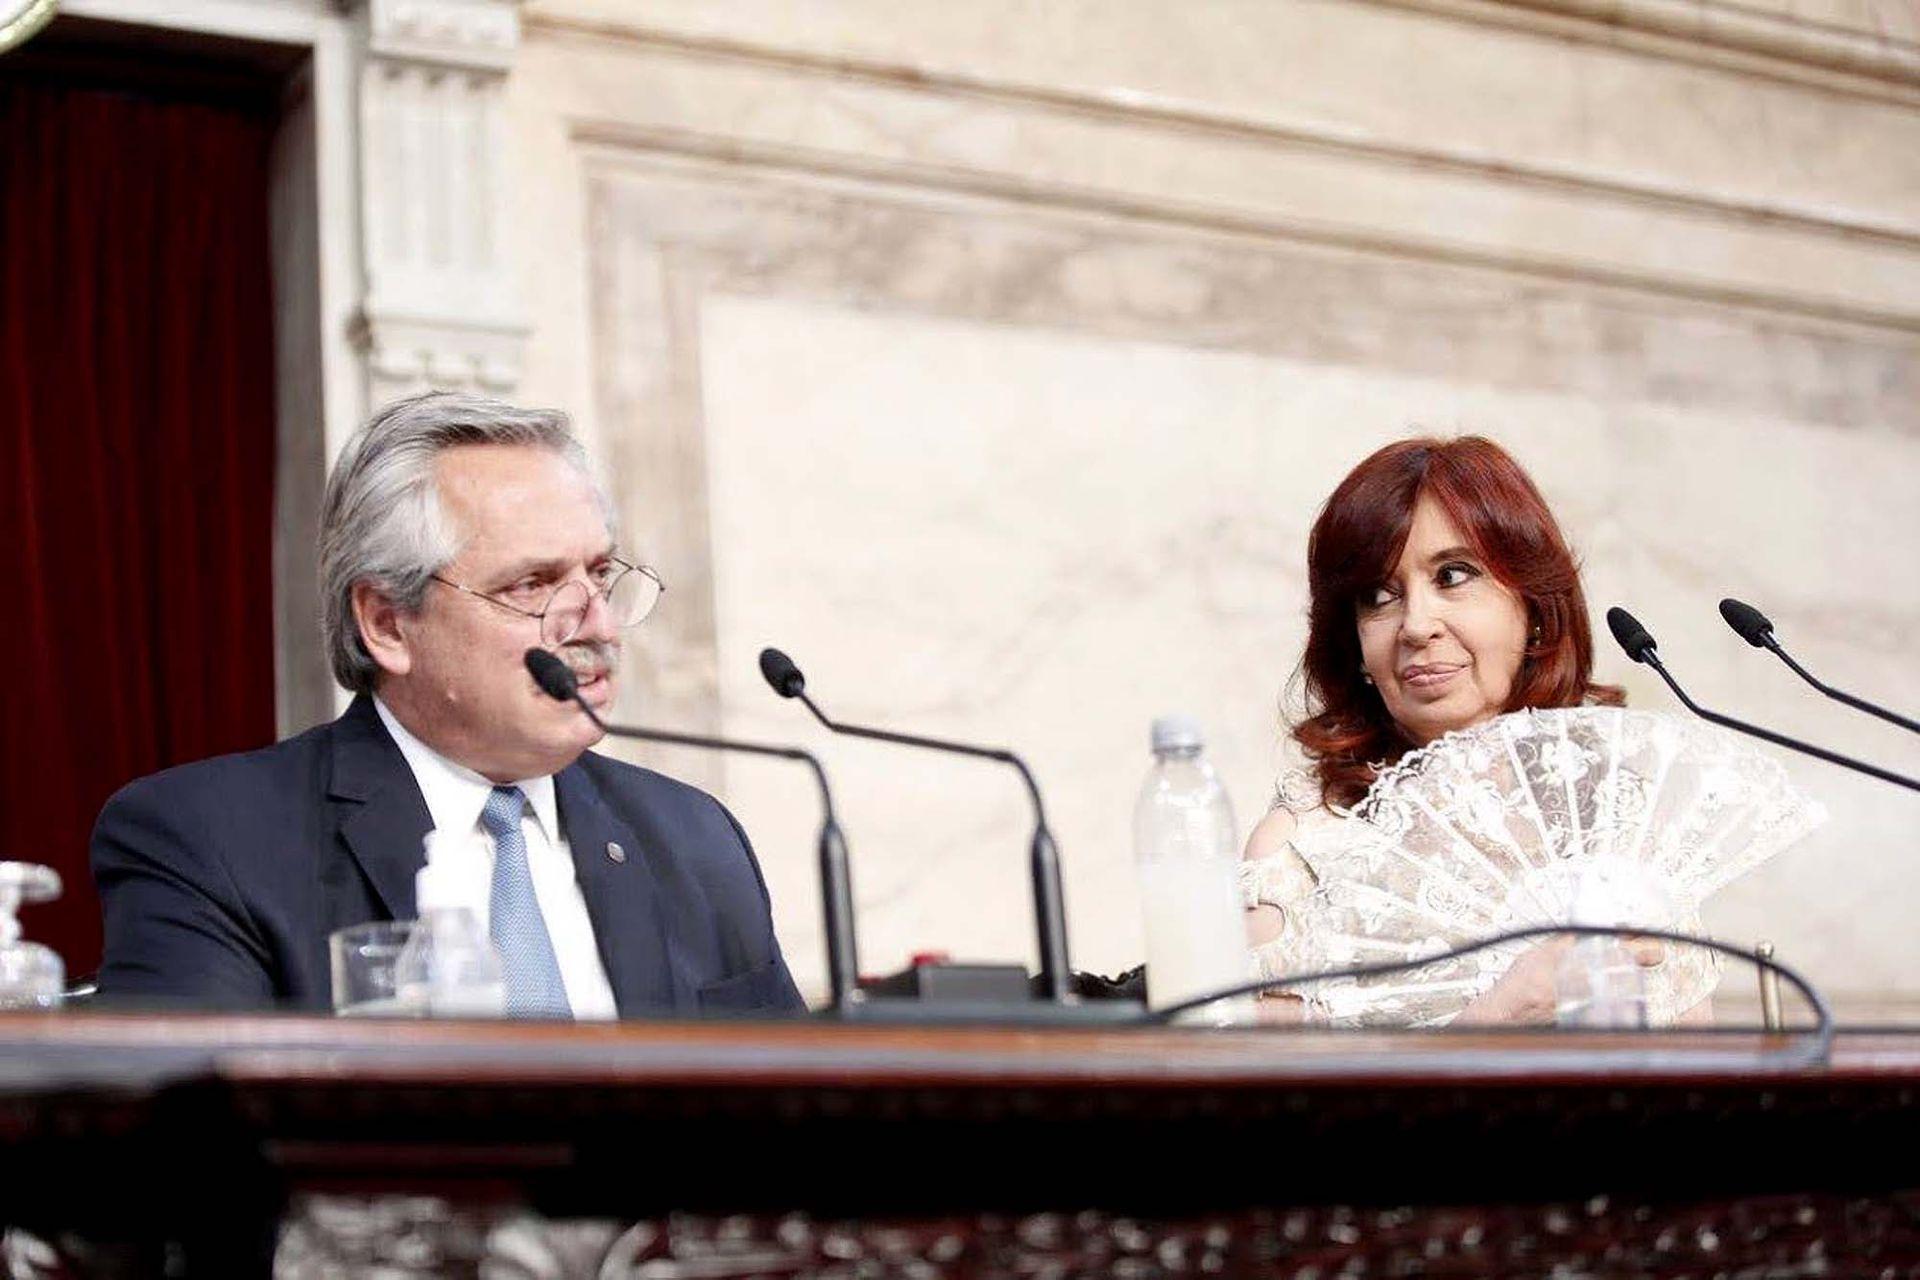 La vicepresidenta Cristina Fernández de Kirchner mira al Presidente Alberto Fernández durante el discurso de la apertura de las Sesiones Legislativas en el Congreso de La Nación